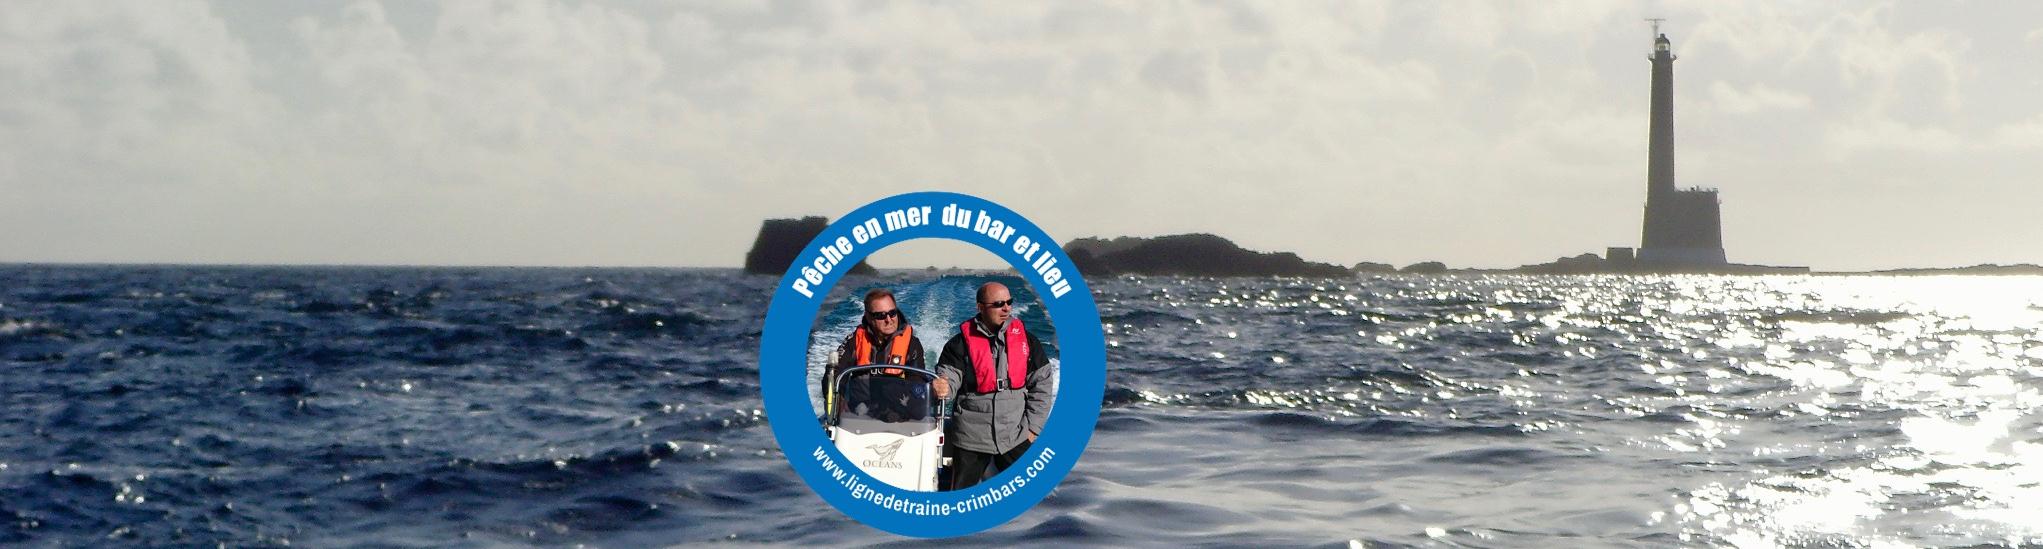 Pêche en mer-ligne de traîne personnalisée